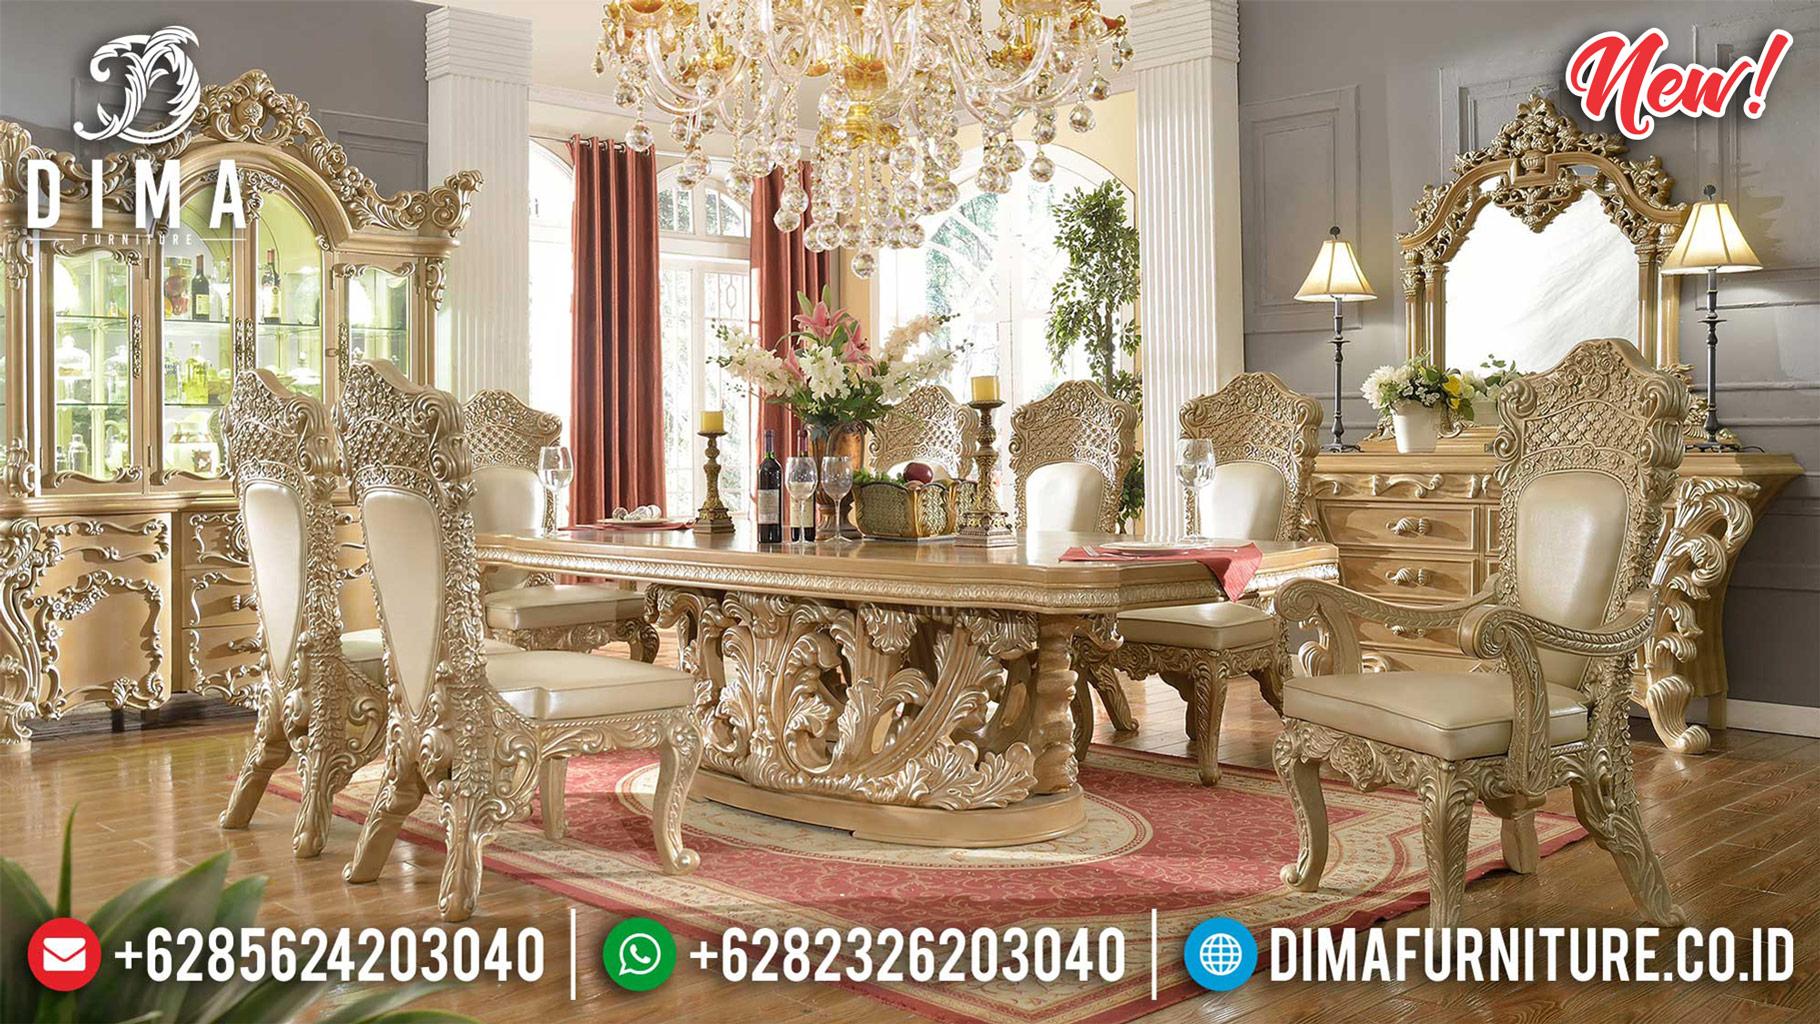 Sepecial Offers Meja Makan Mewah Jepara High Quality Harga Bersahabat ST-1162